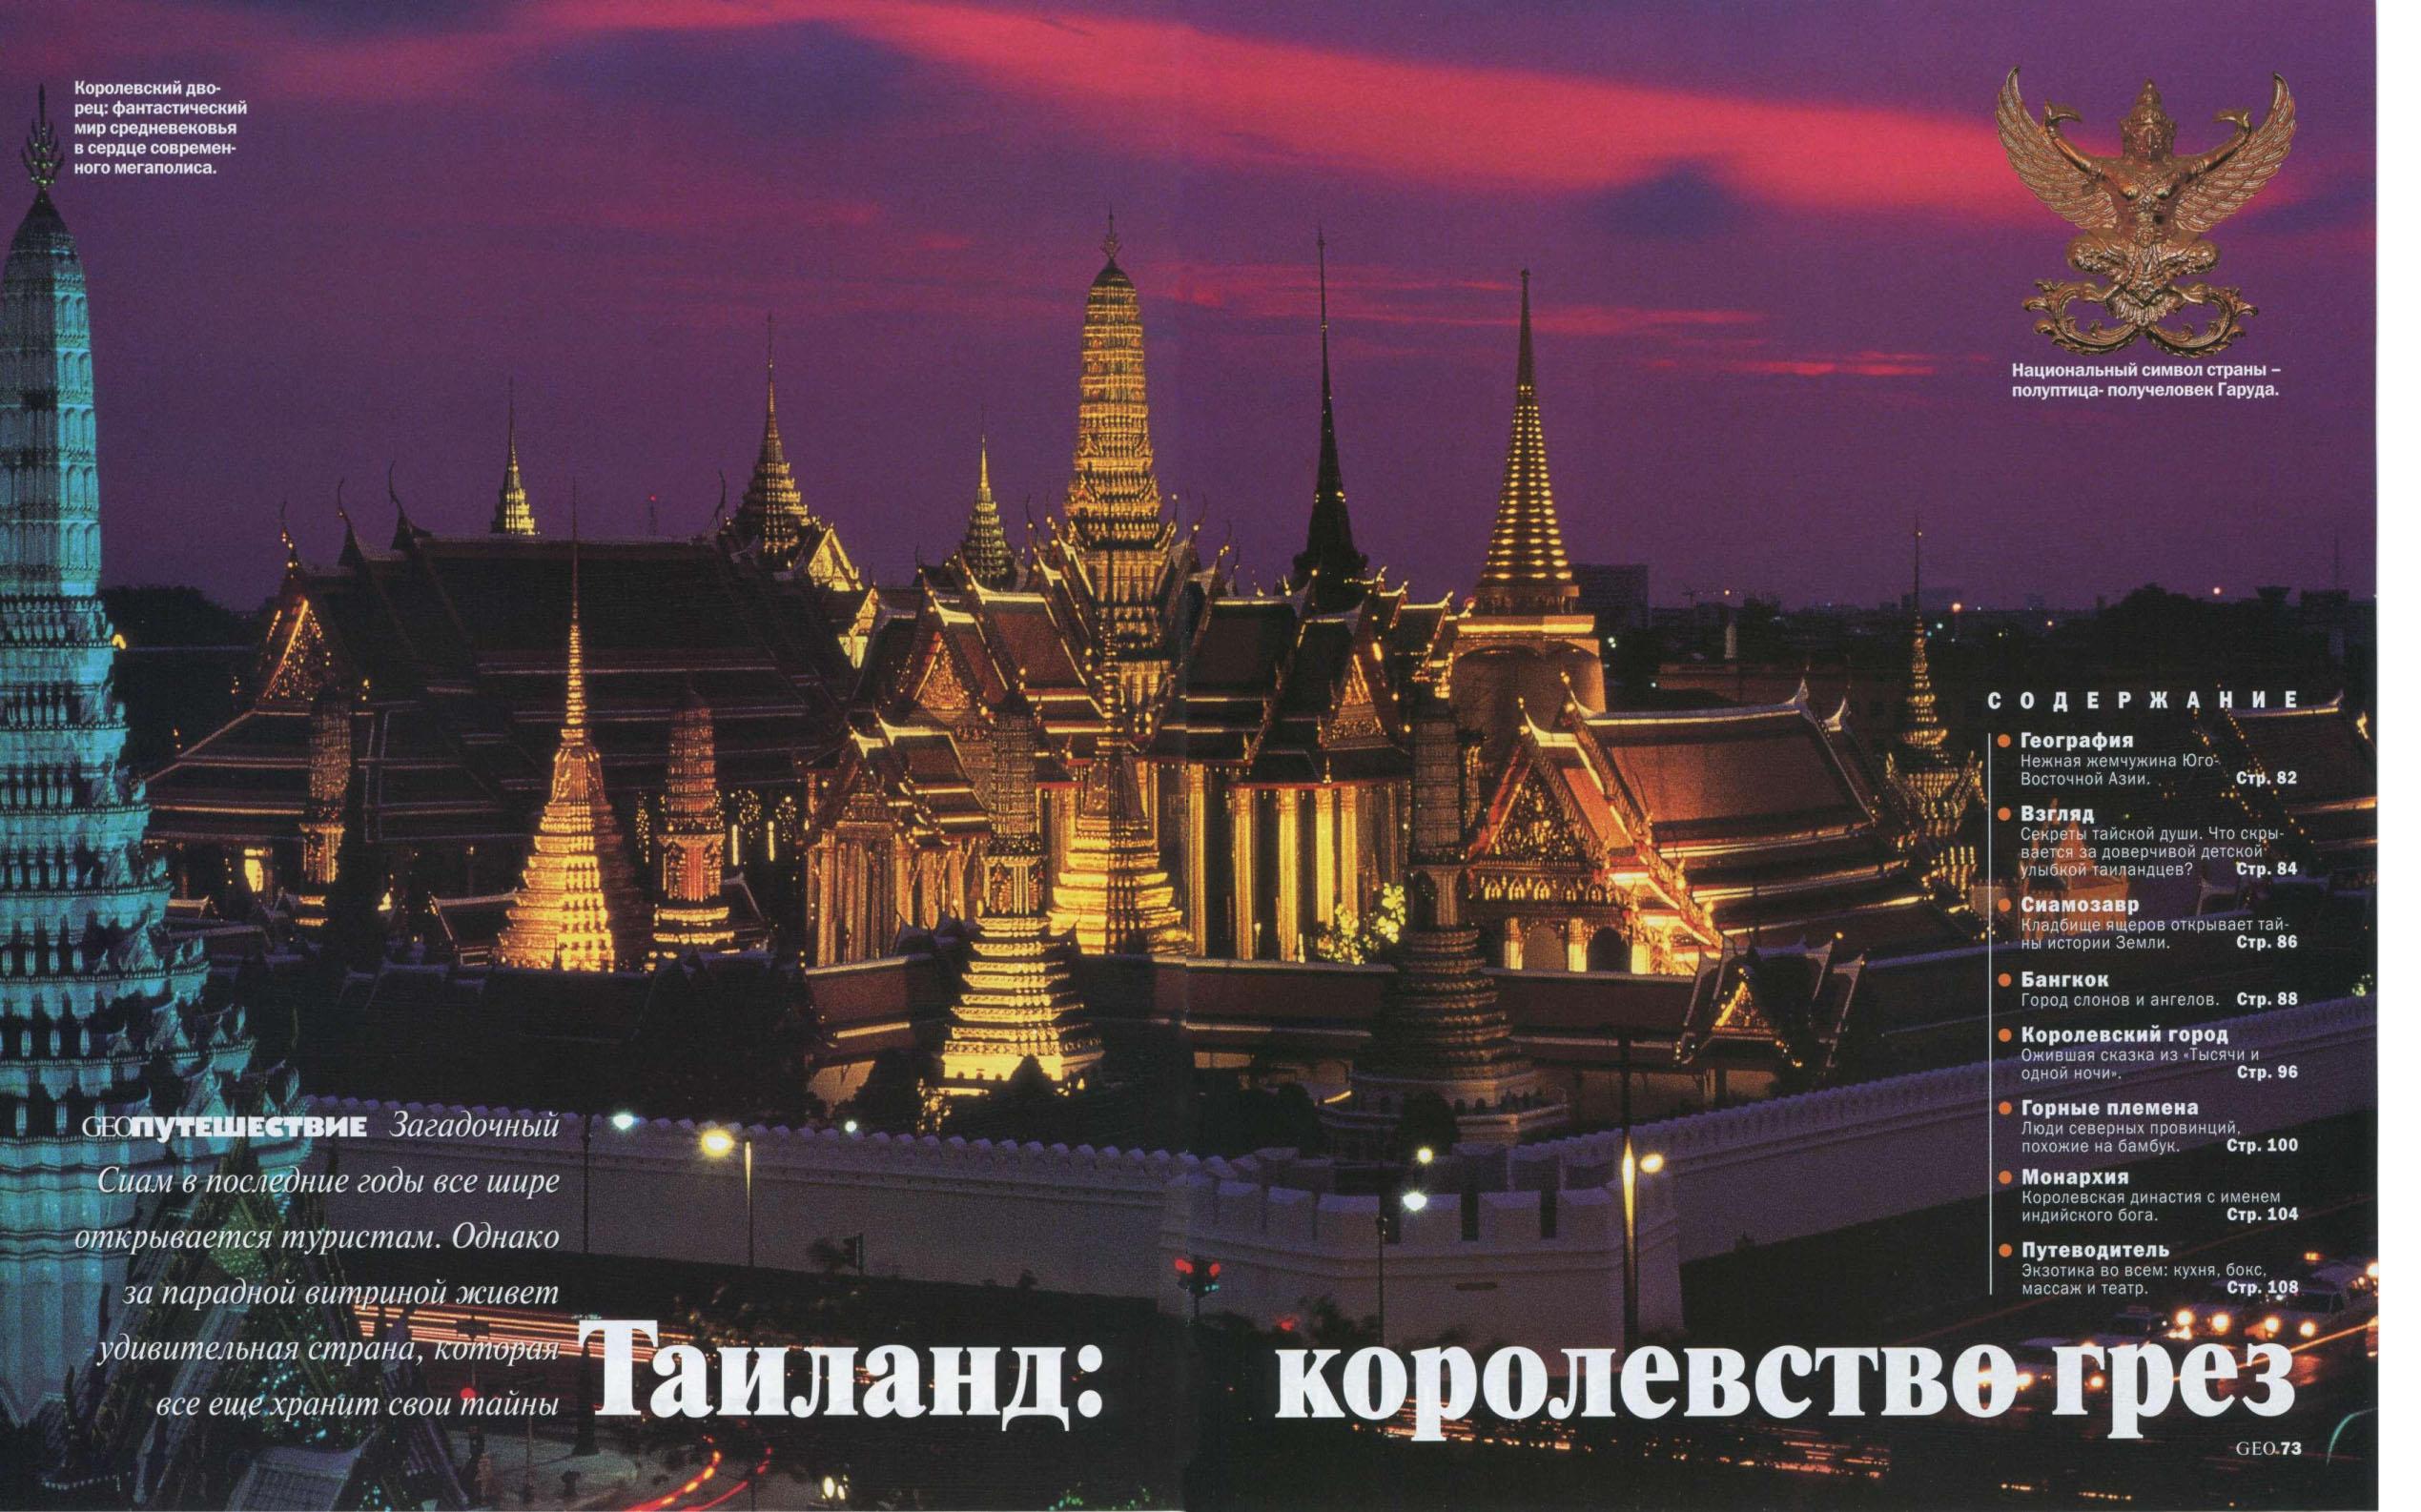 GEO-Rus_2003-03_02.jpg